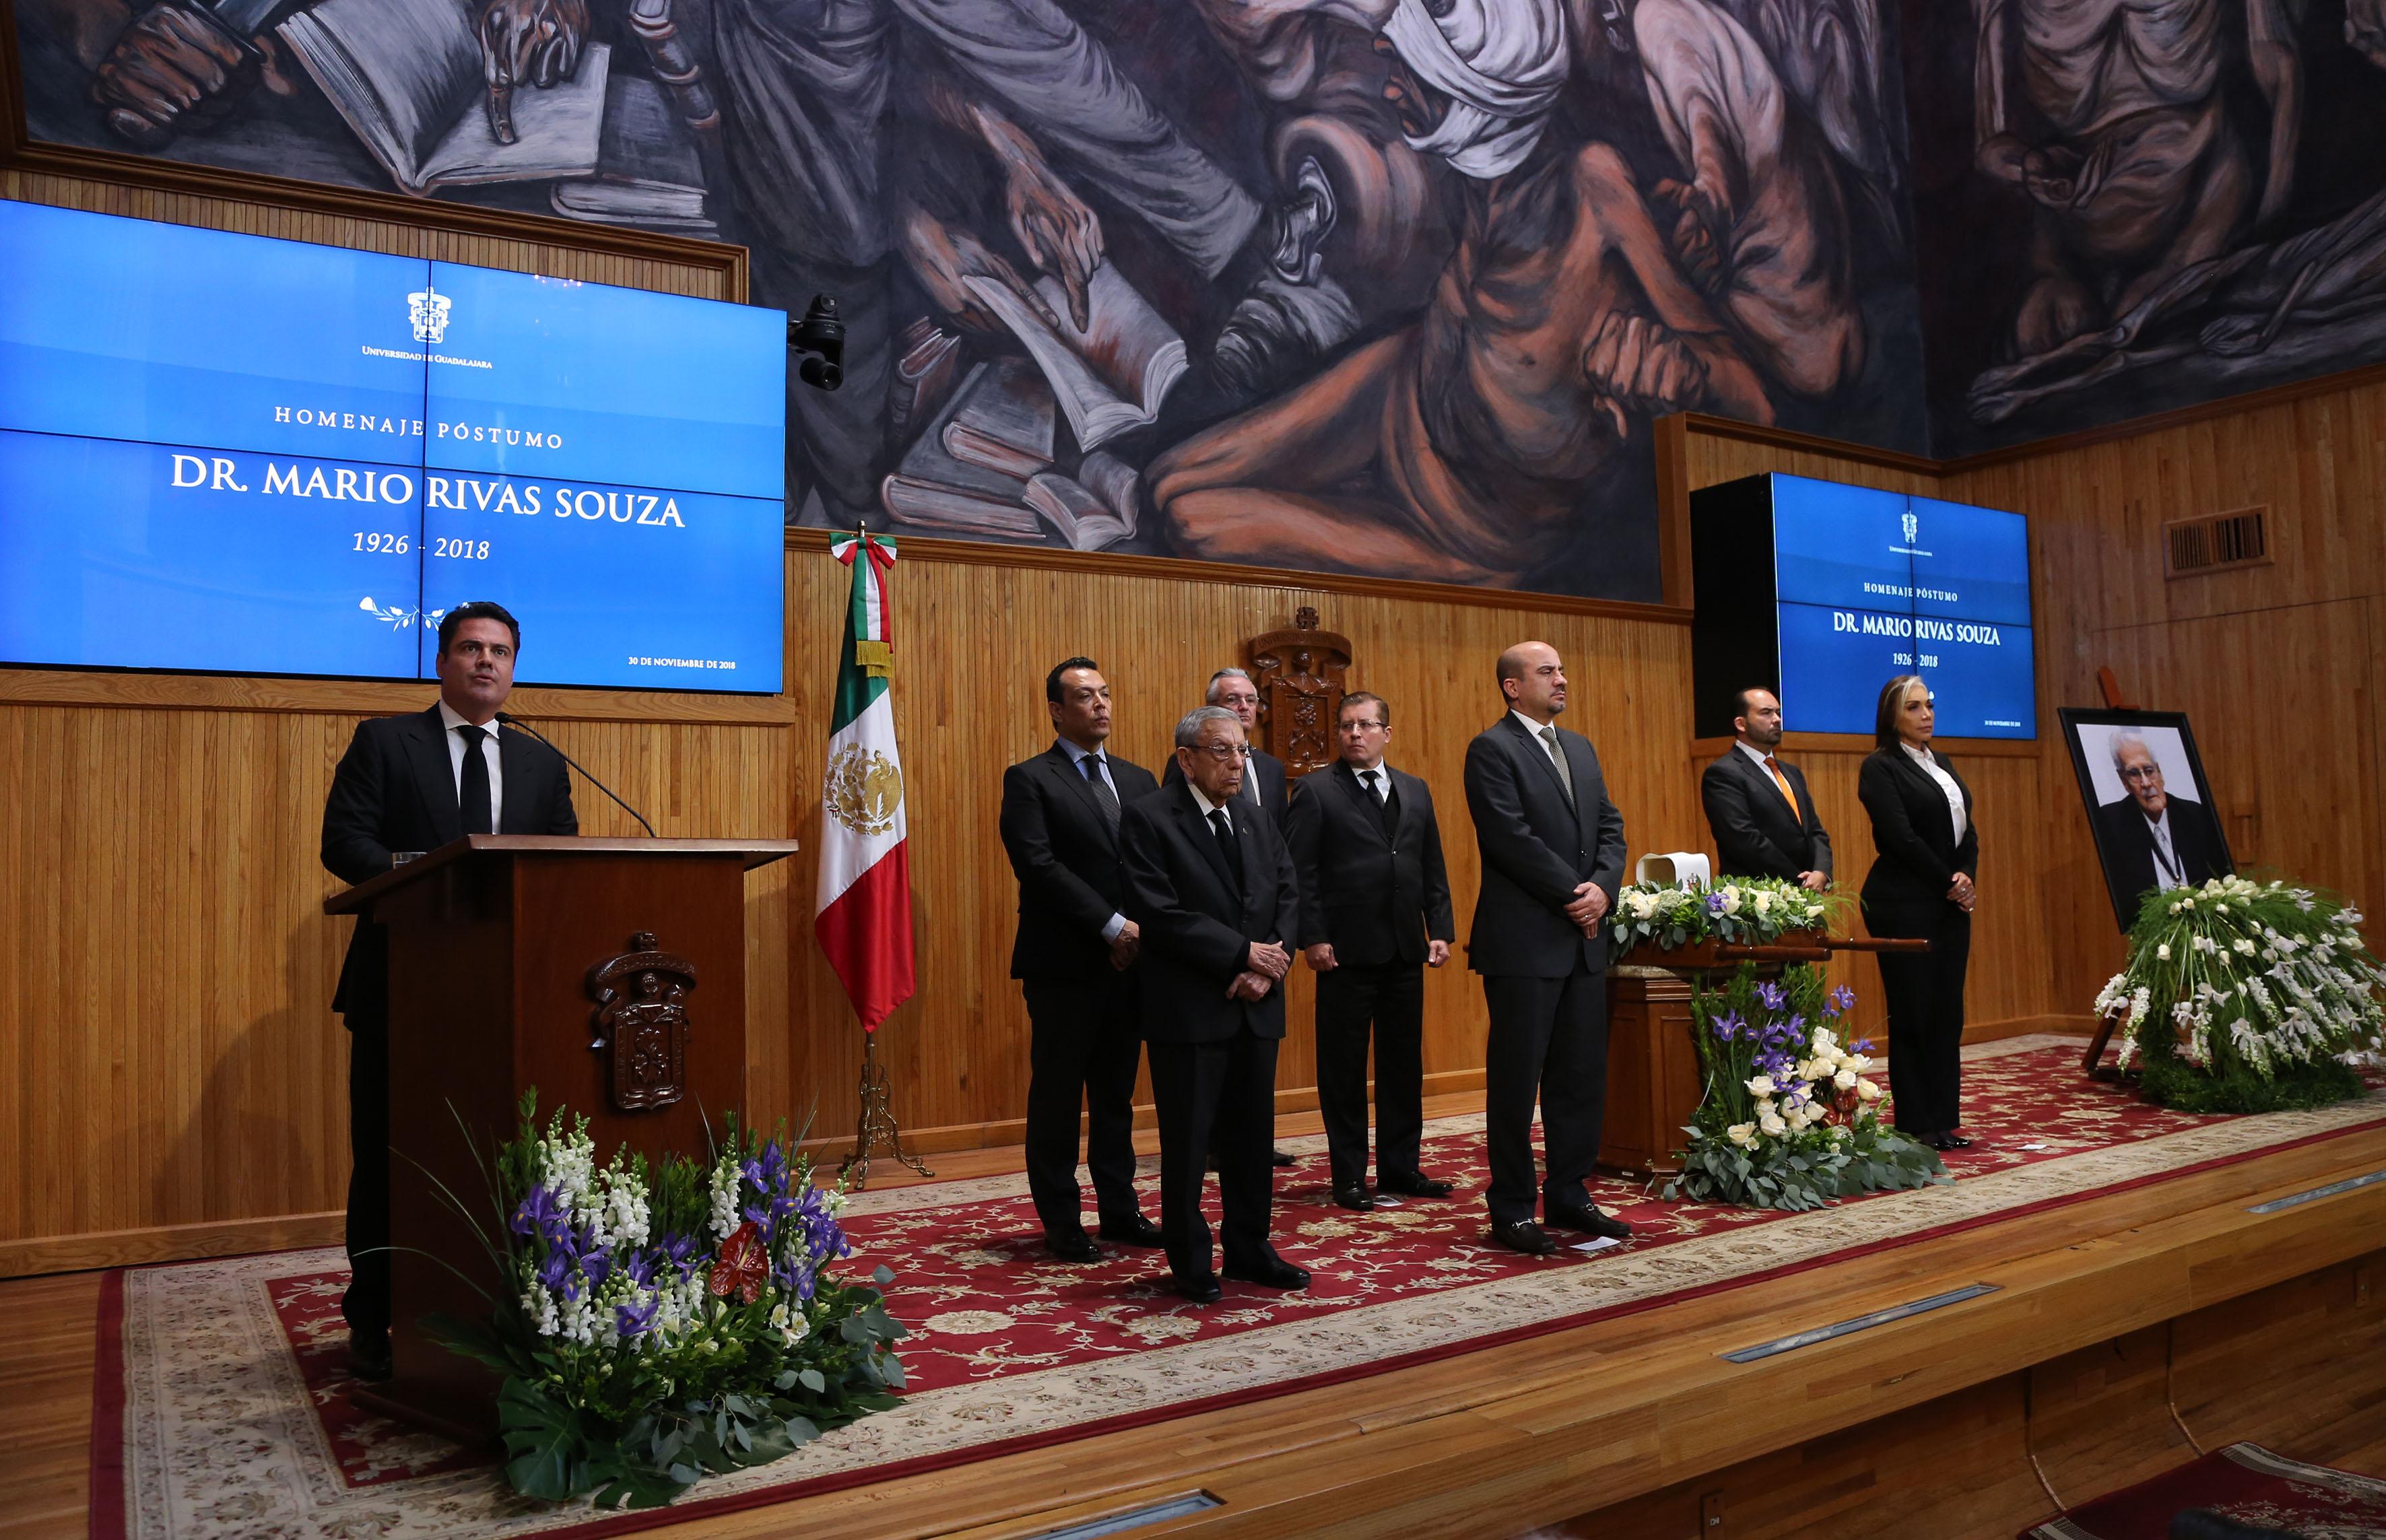 Gobernador de Jalisco al micrófono en el podio del Paraninfo